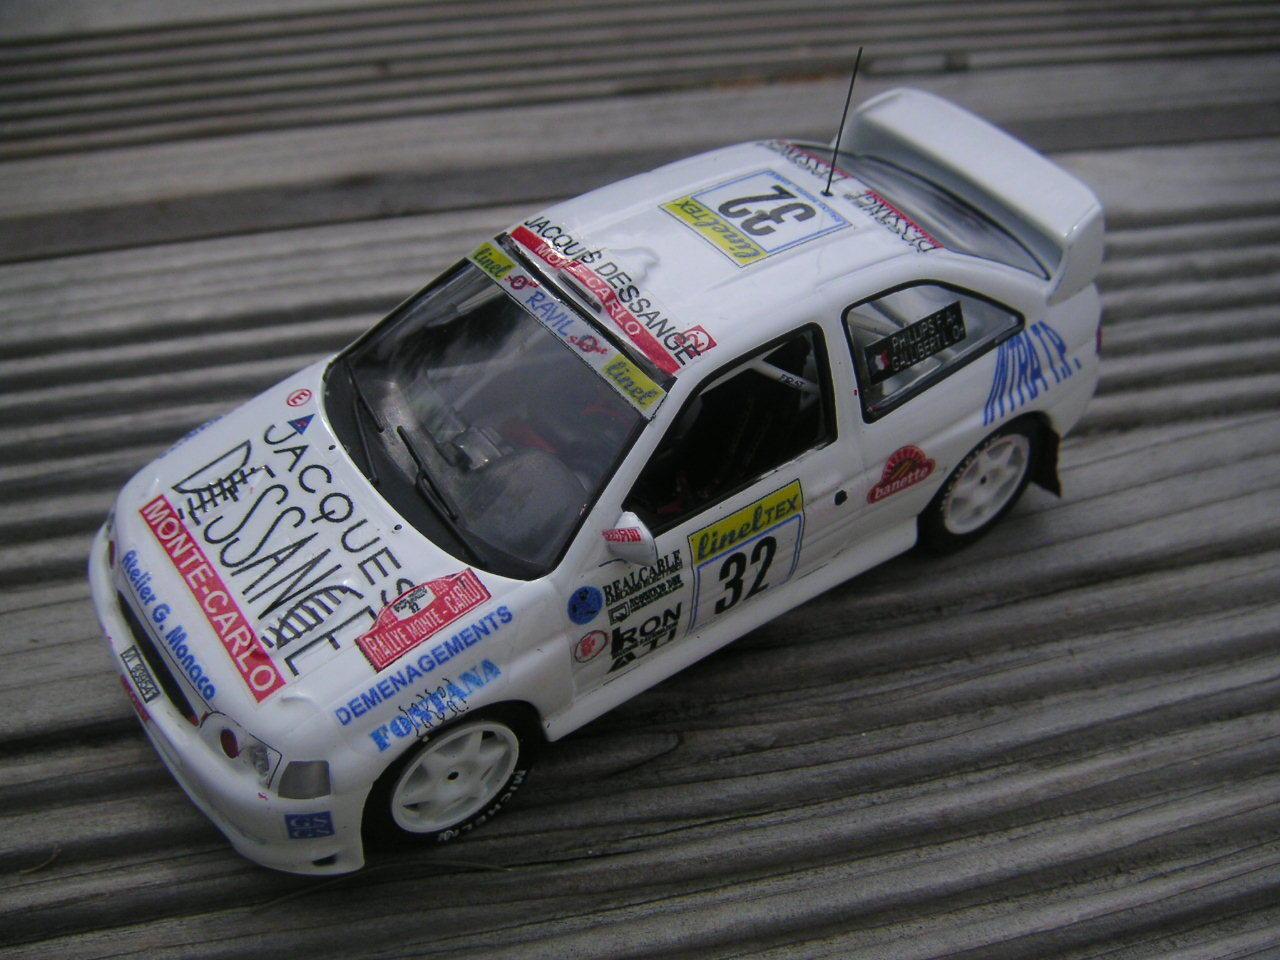 1 43 FORD ESCORT WRC N°32 RALLY WRC WRC WRC MONTE CARLO 1999 MONTE CARLO 6906af